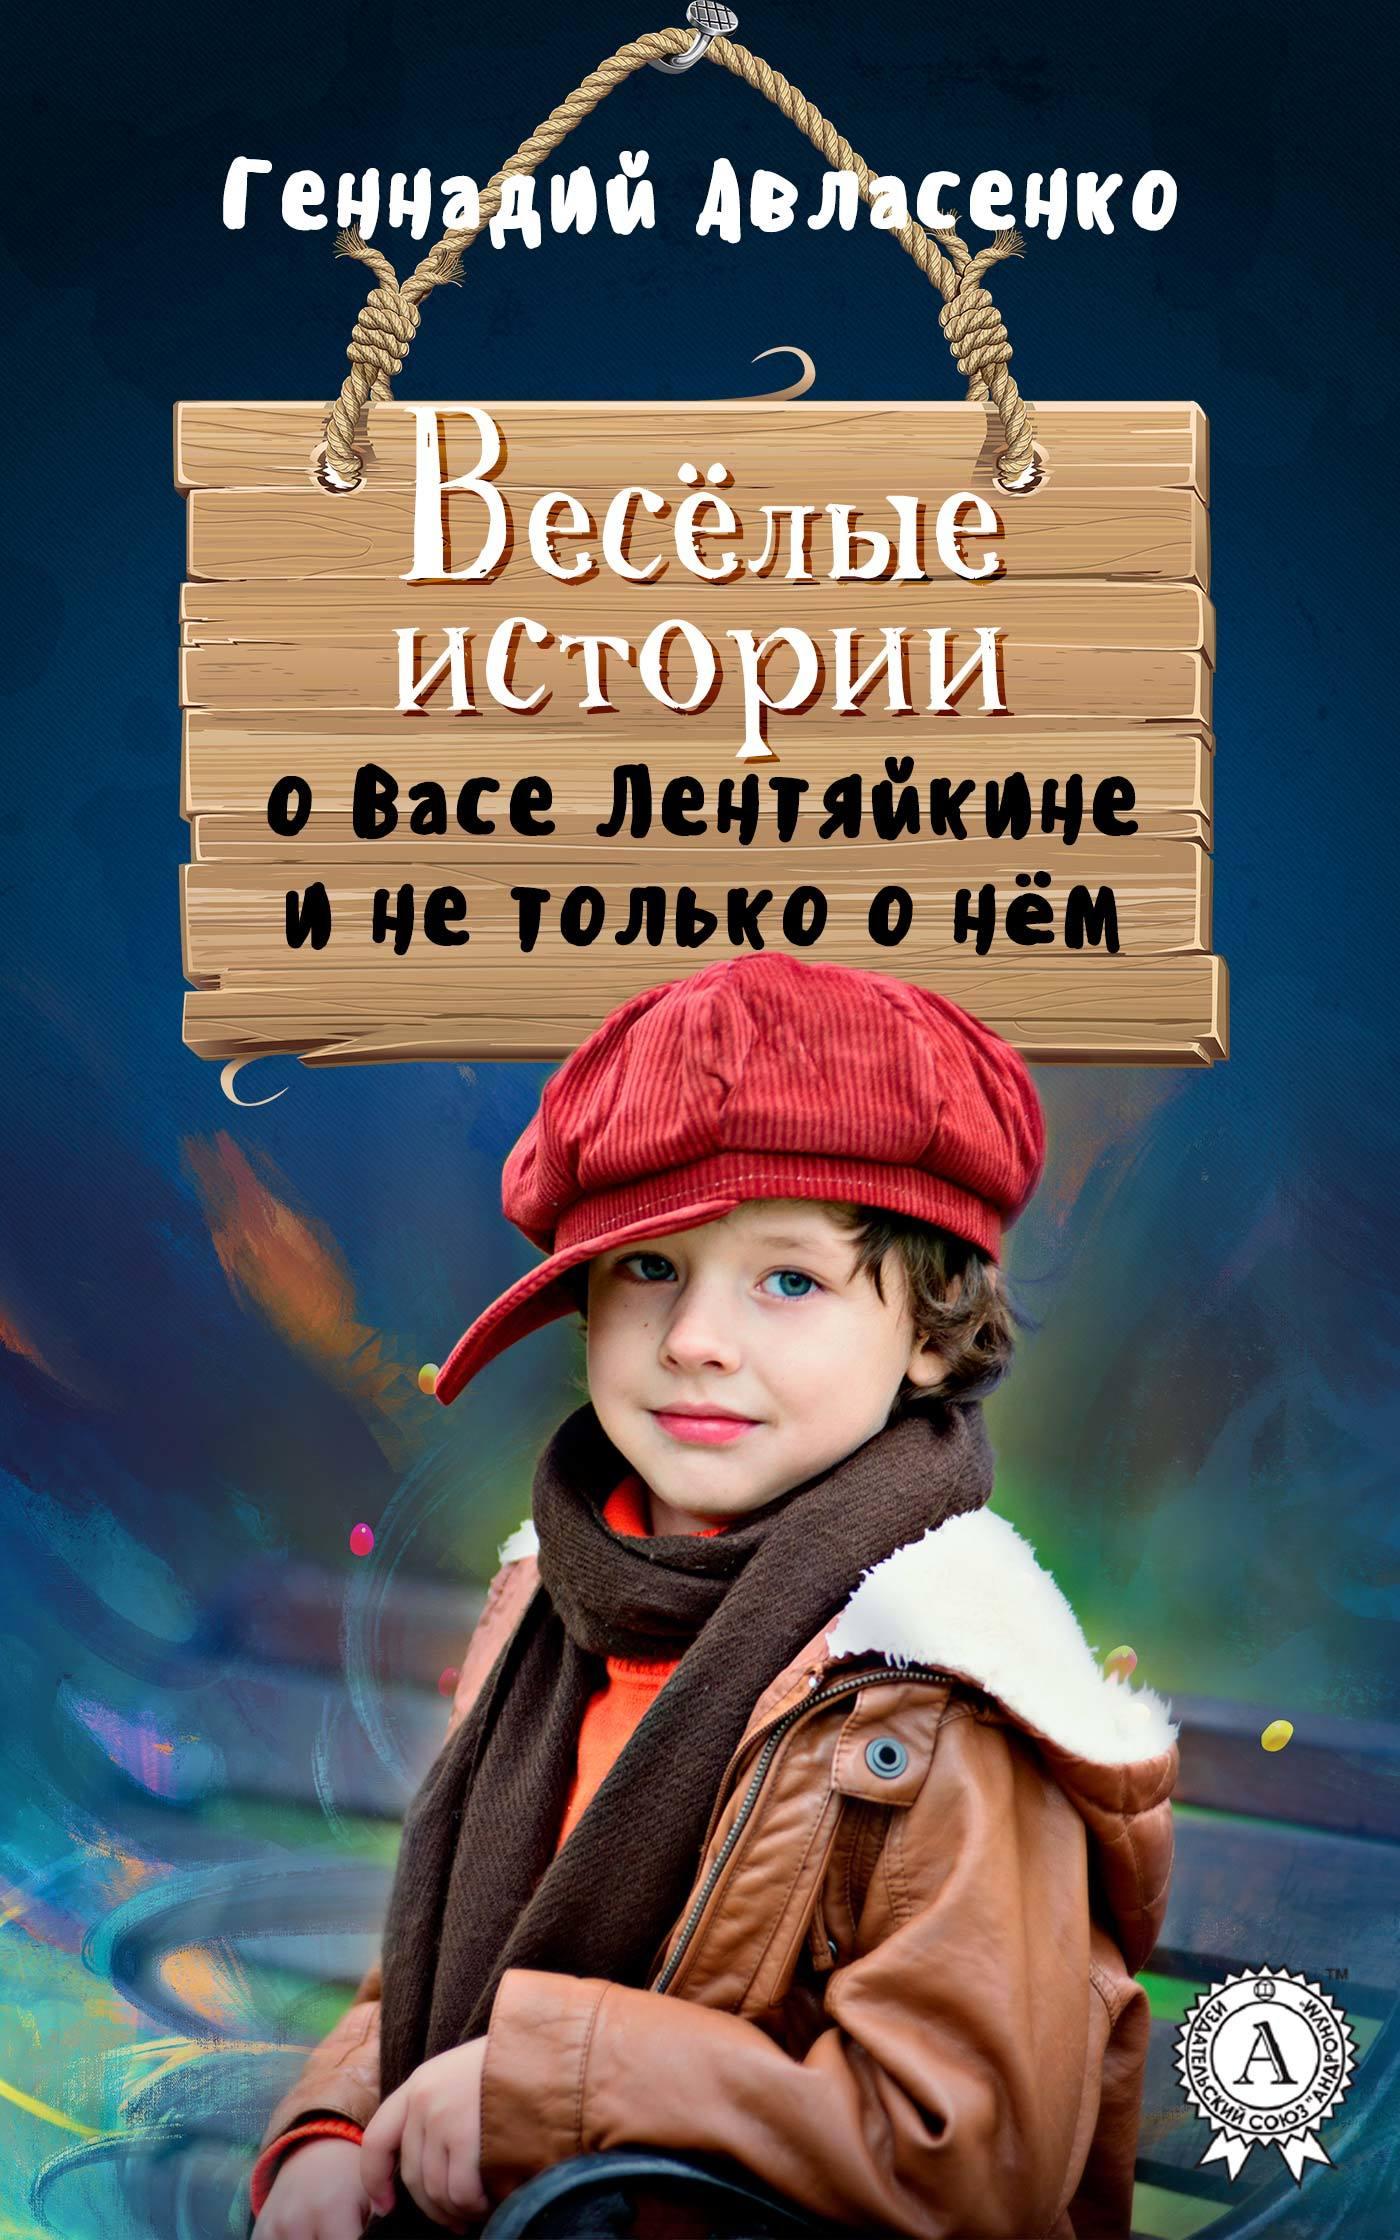 Геннадий Авласенко. Весёлые истории о Васе Лентяйкине и не только о нём